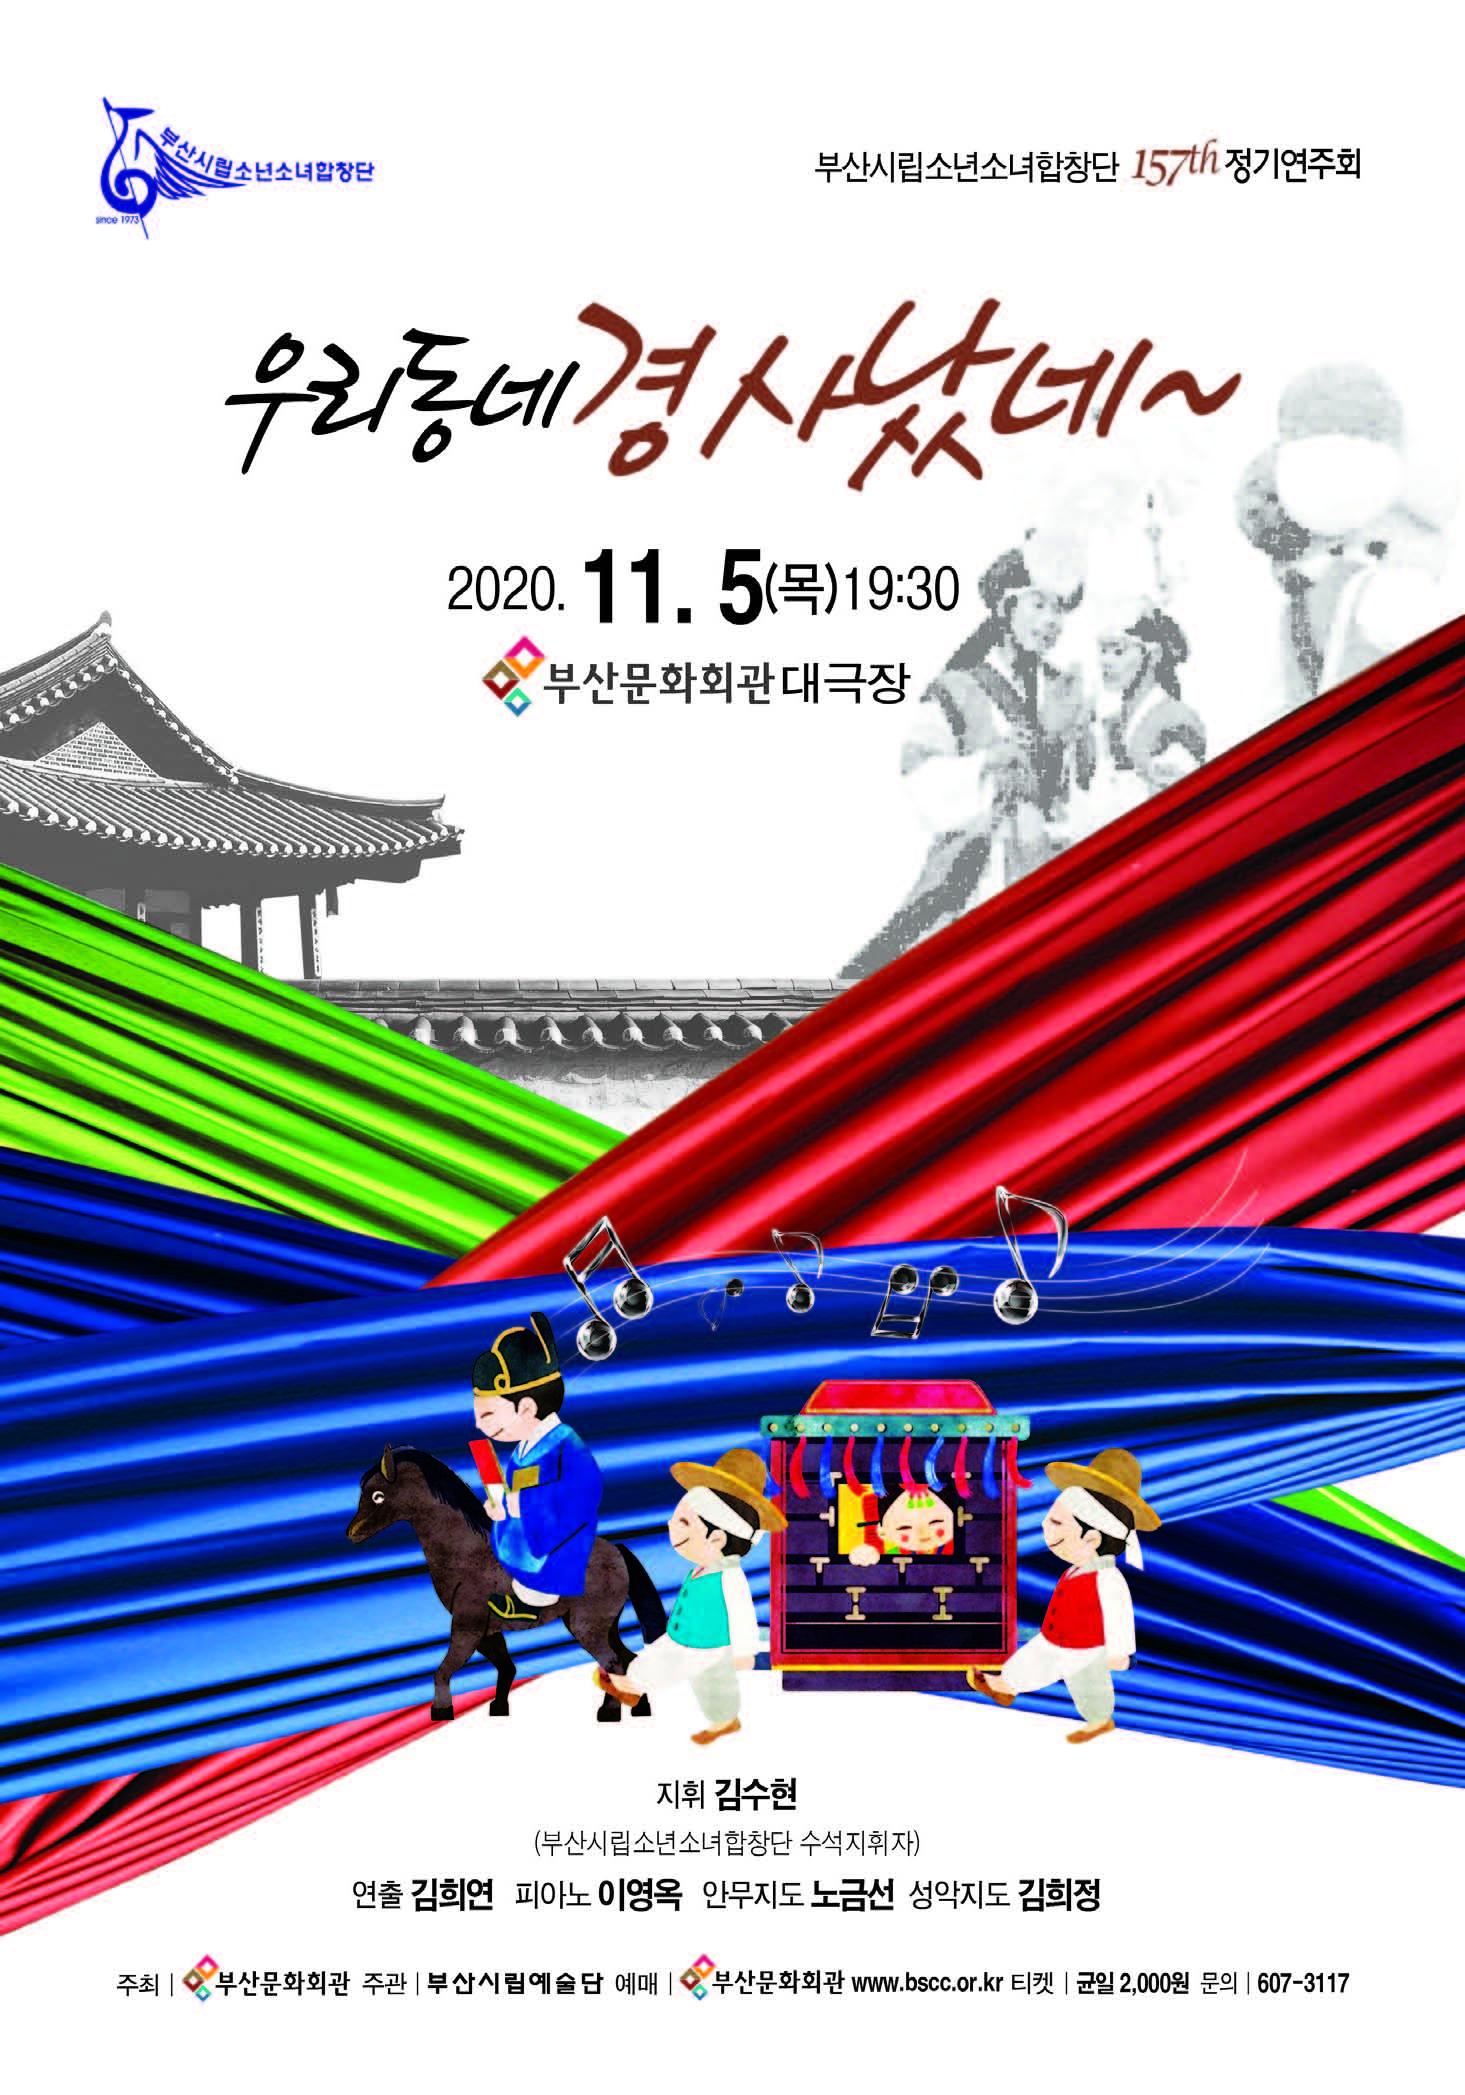 부산시립소년소녀합창단 제157회 정기연주회